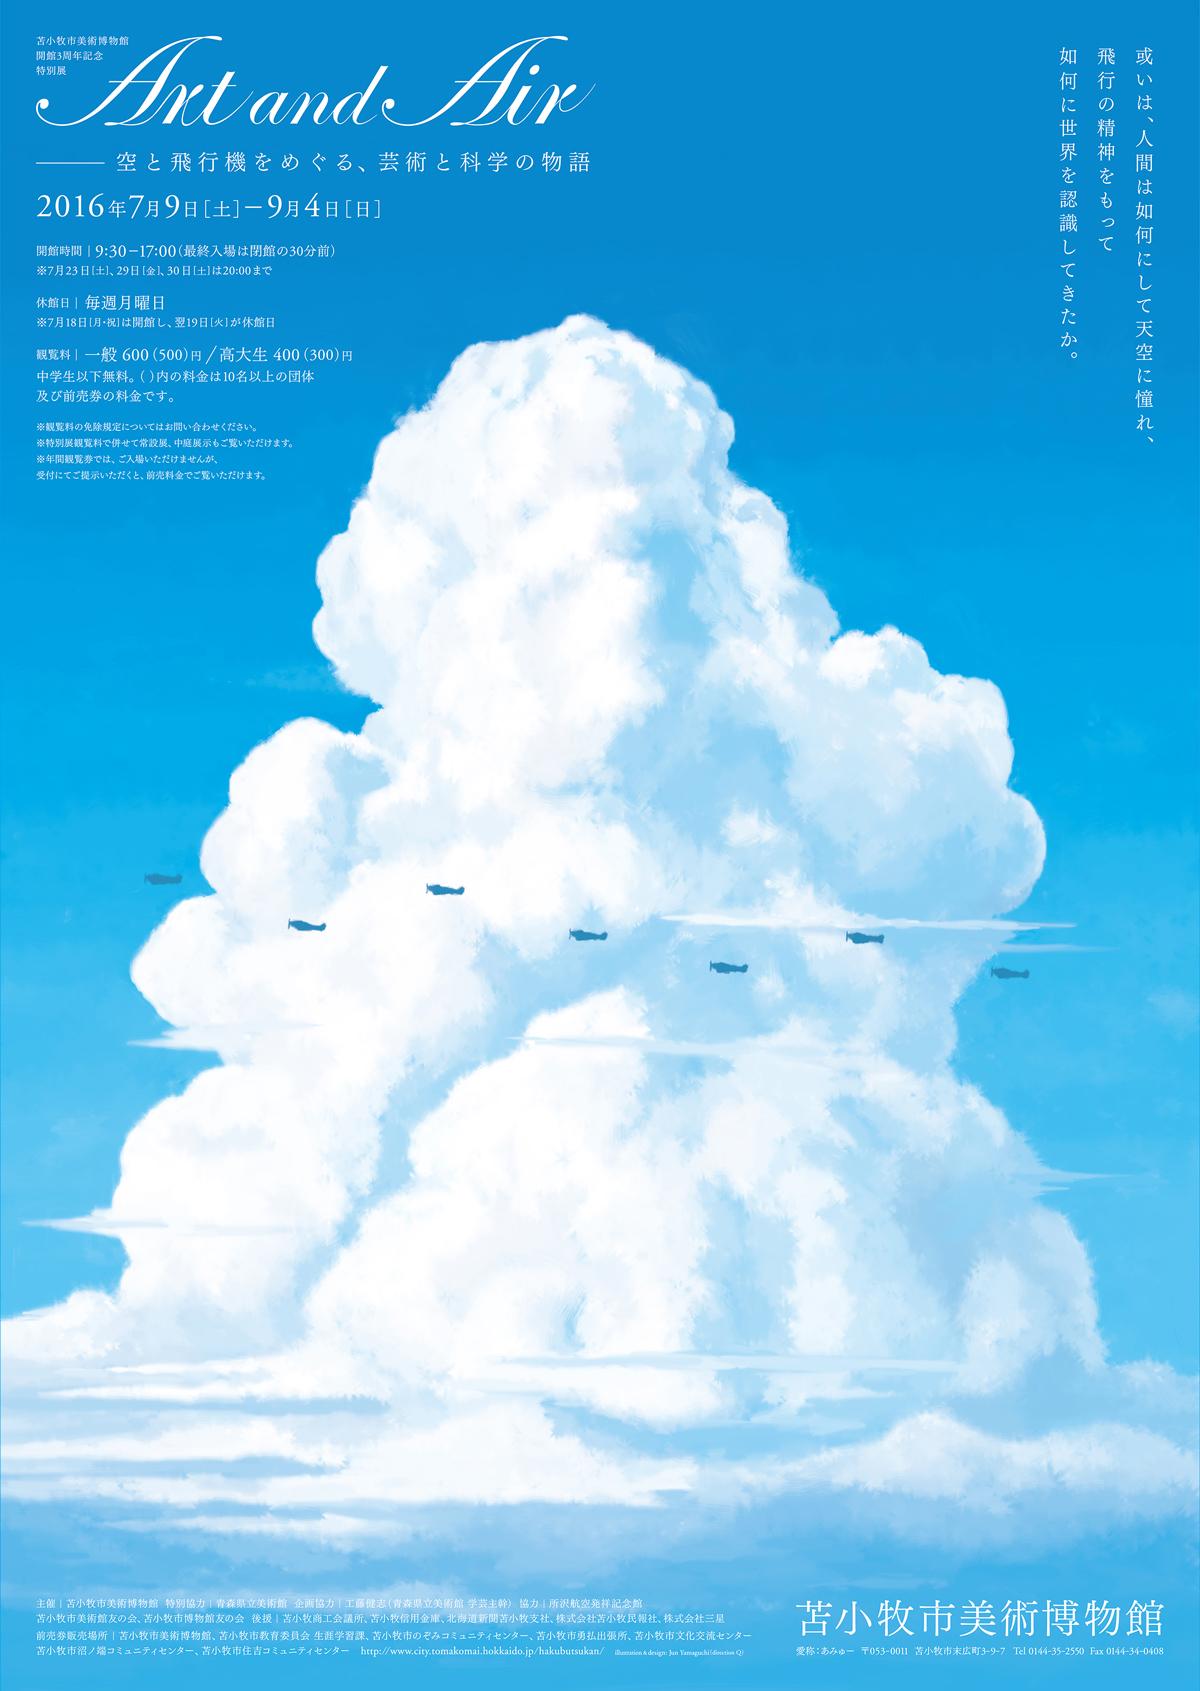 001_art_air_1200px